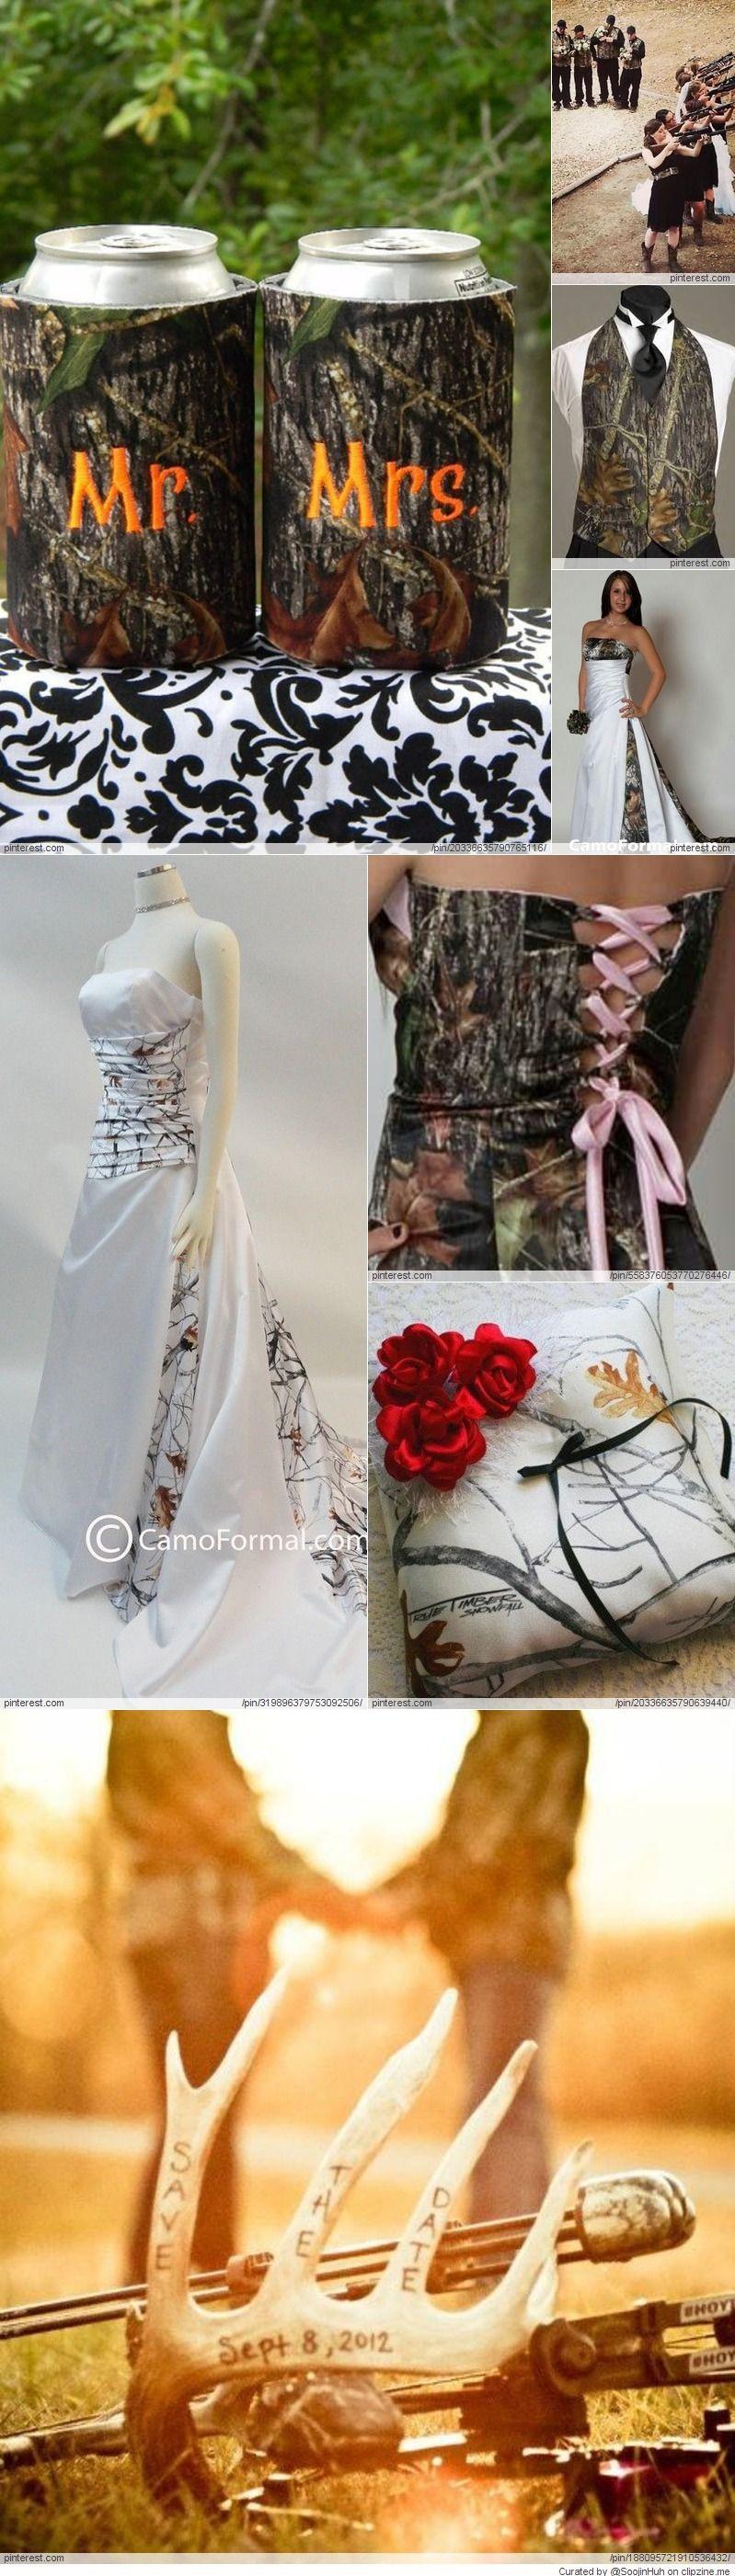 Camo wedding ideas wedding pinterest camo wedding camo and